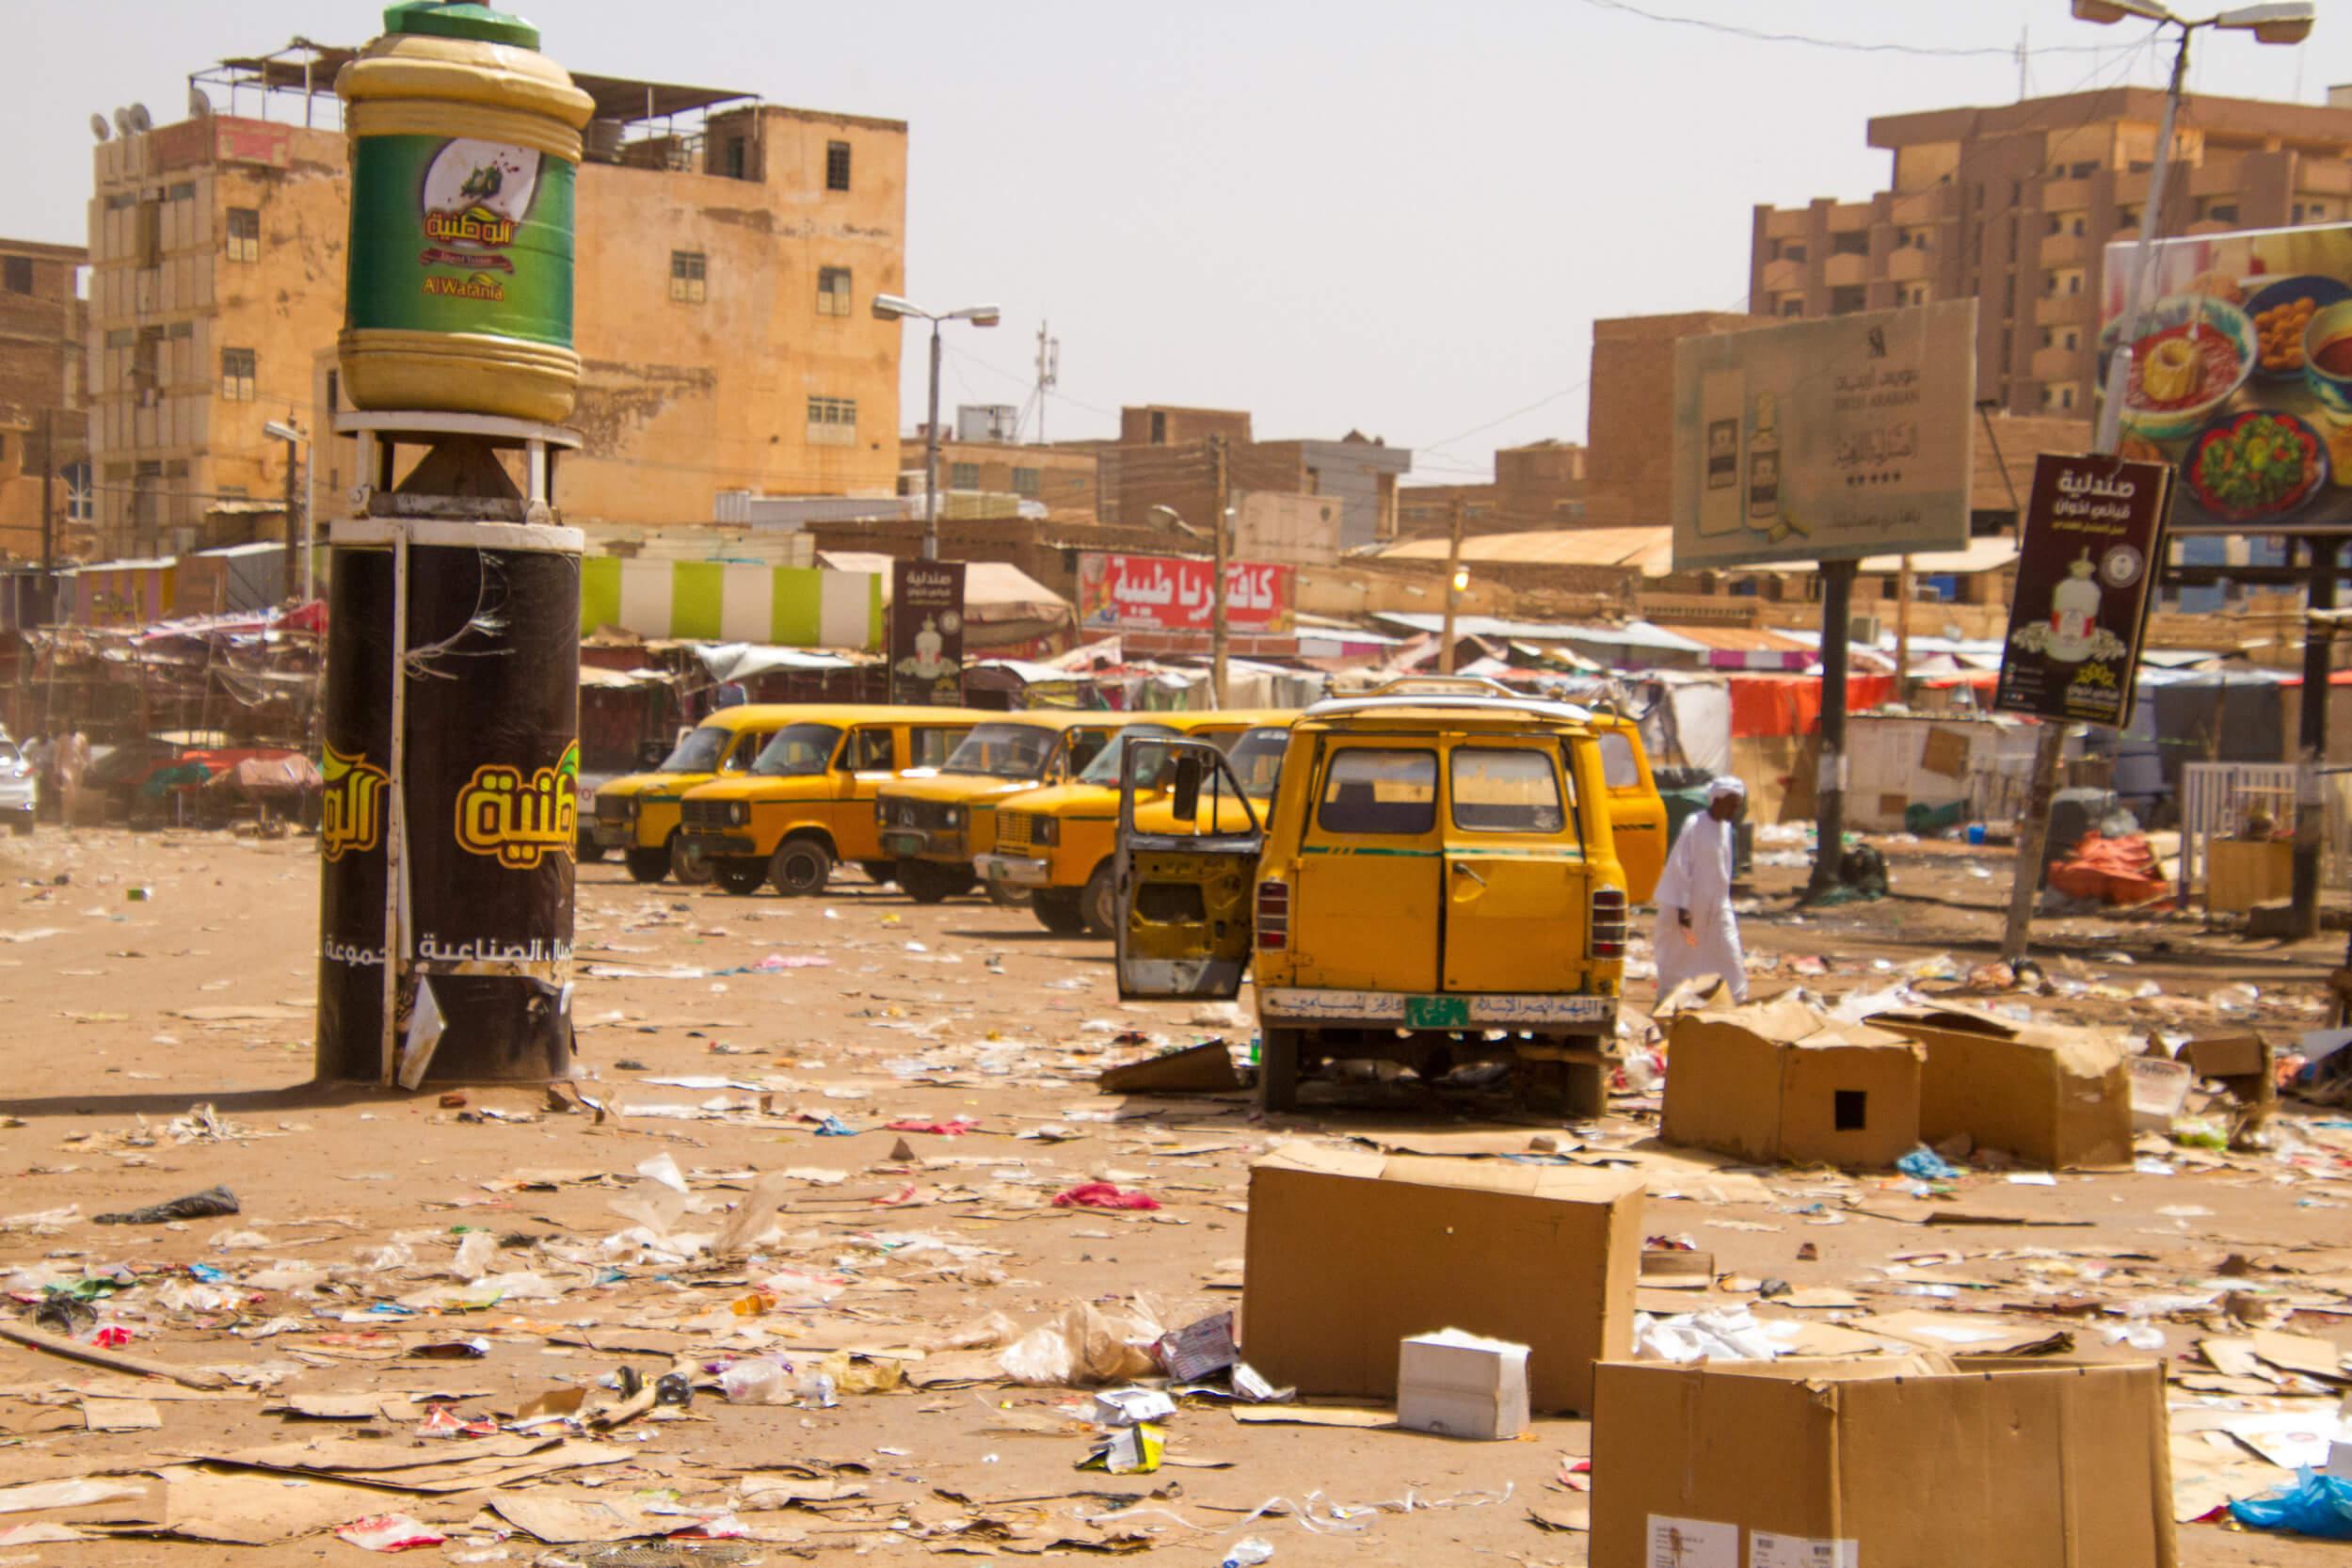 https://bubo.sk/uploads/galleries/7407/marekmeluch_sudan_khartoum_omdurman1.jpg